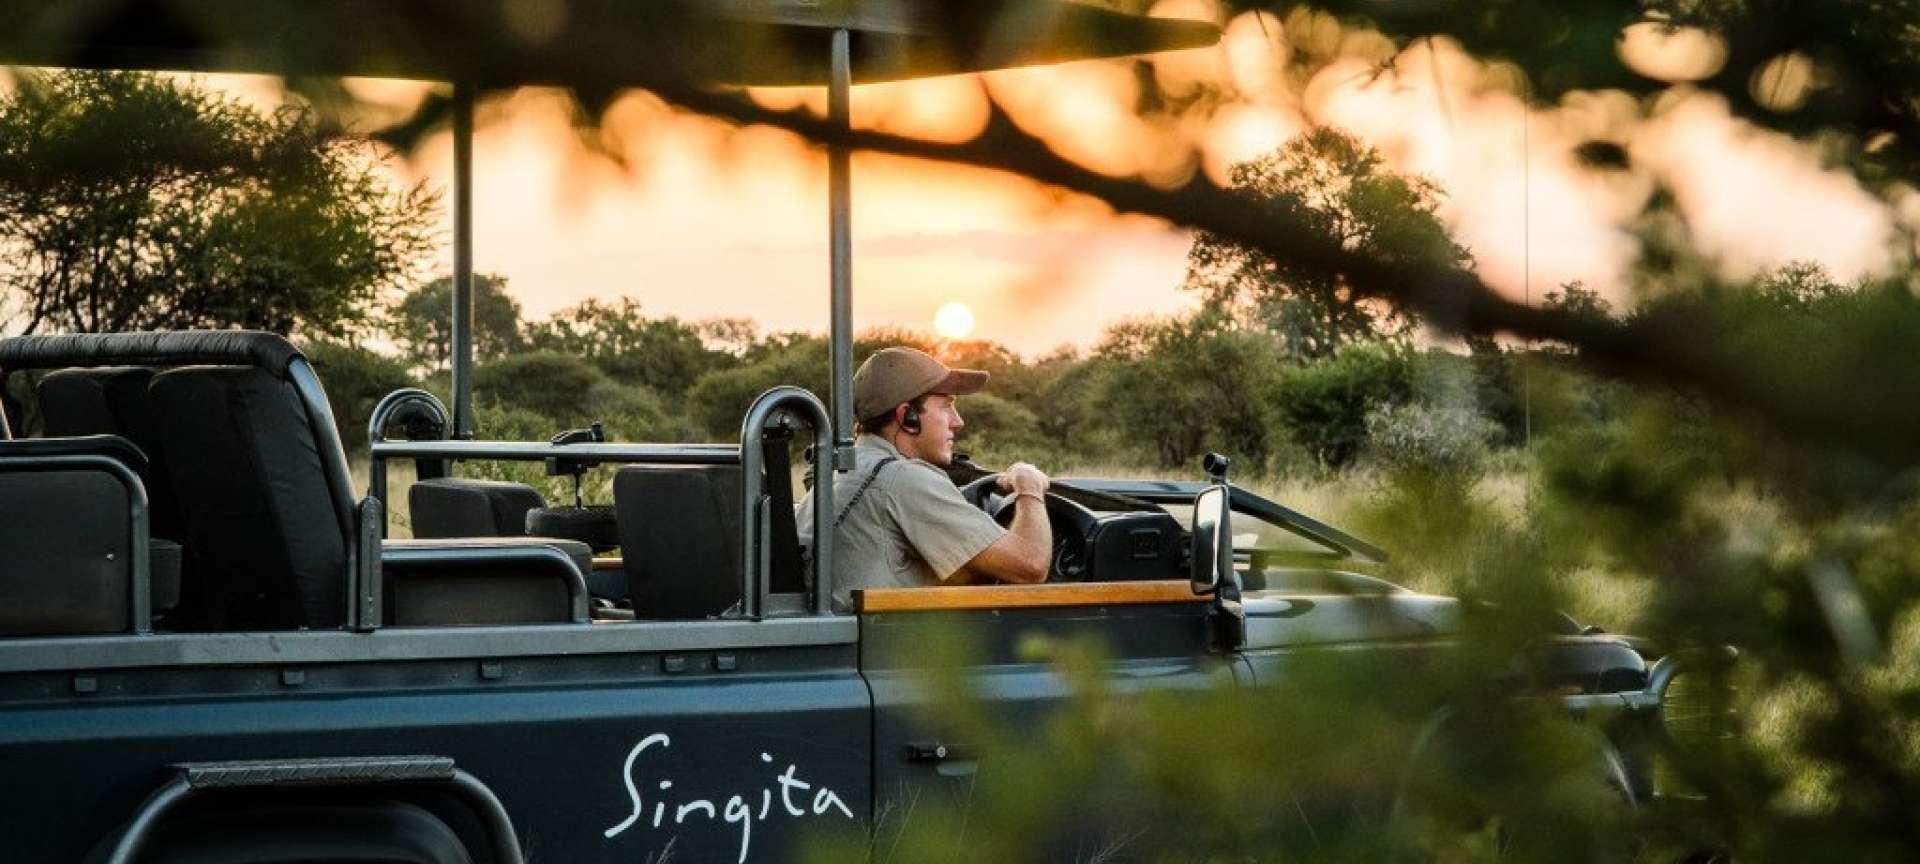 Singita Concession - Africa Wildlife Safaris